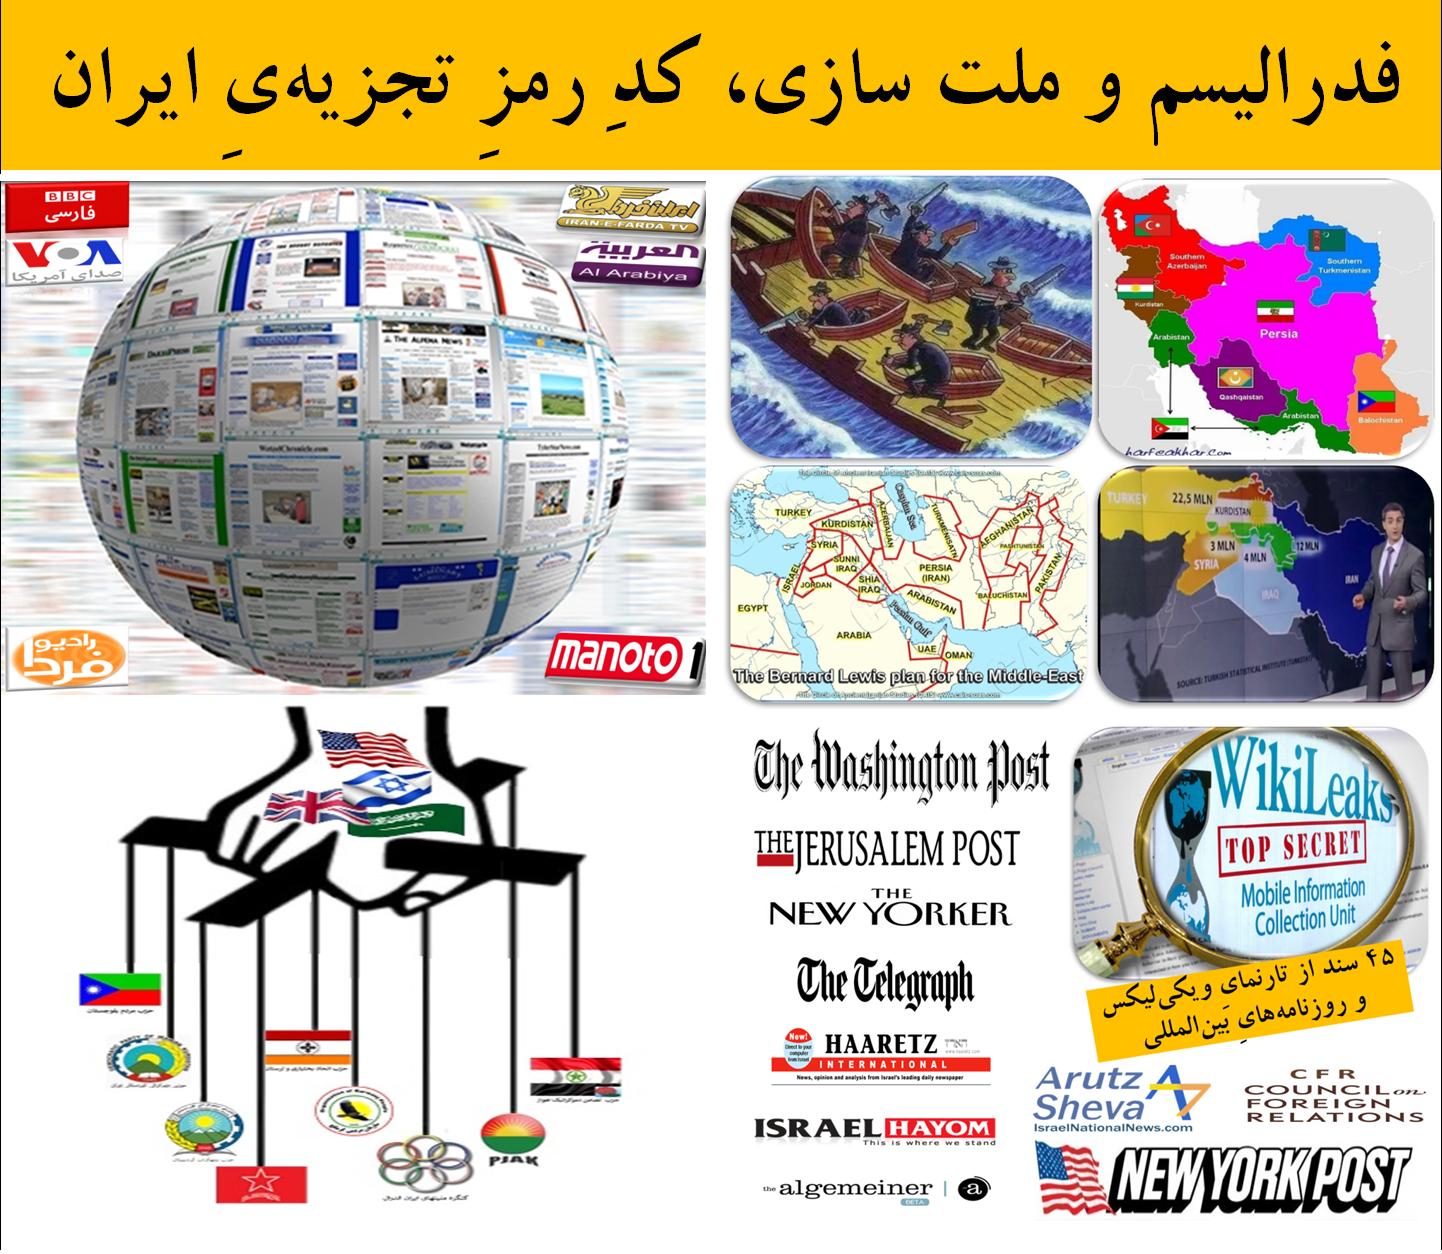 فدرالیسم و ملت سازی، کدِ رمزِ تجزیهیِ ایران - آرمان چاروستایی